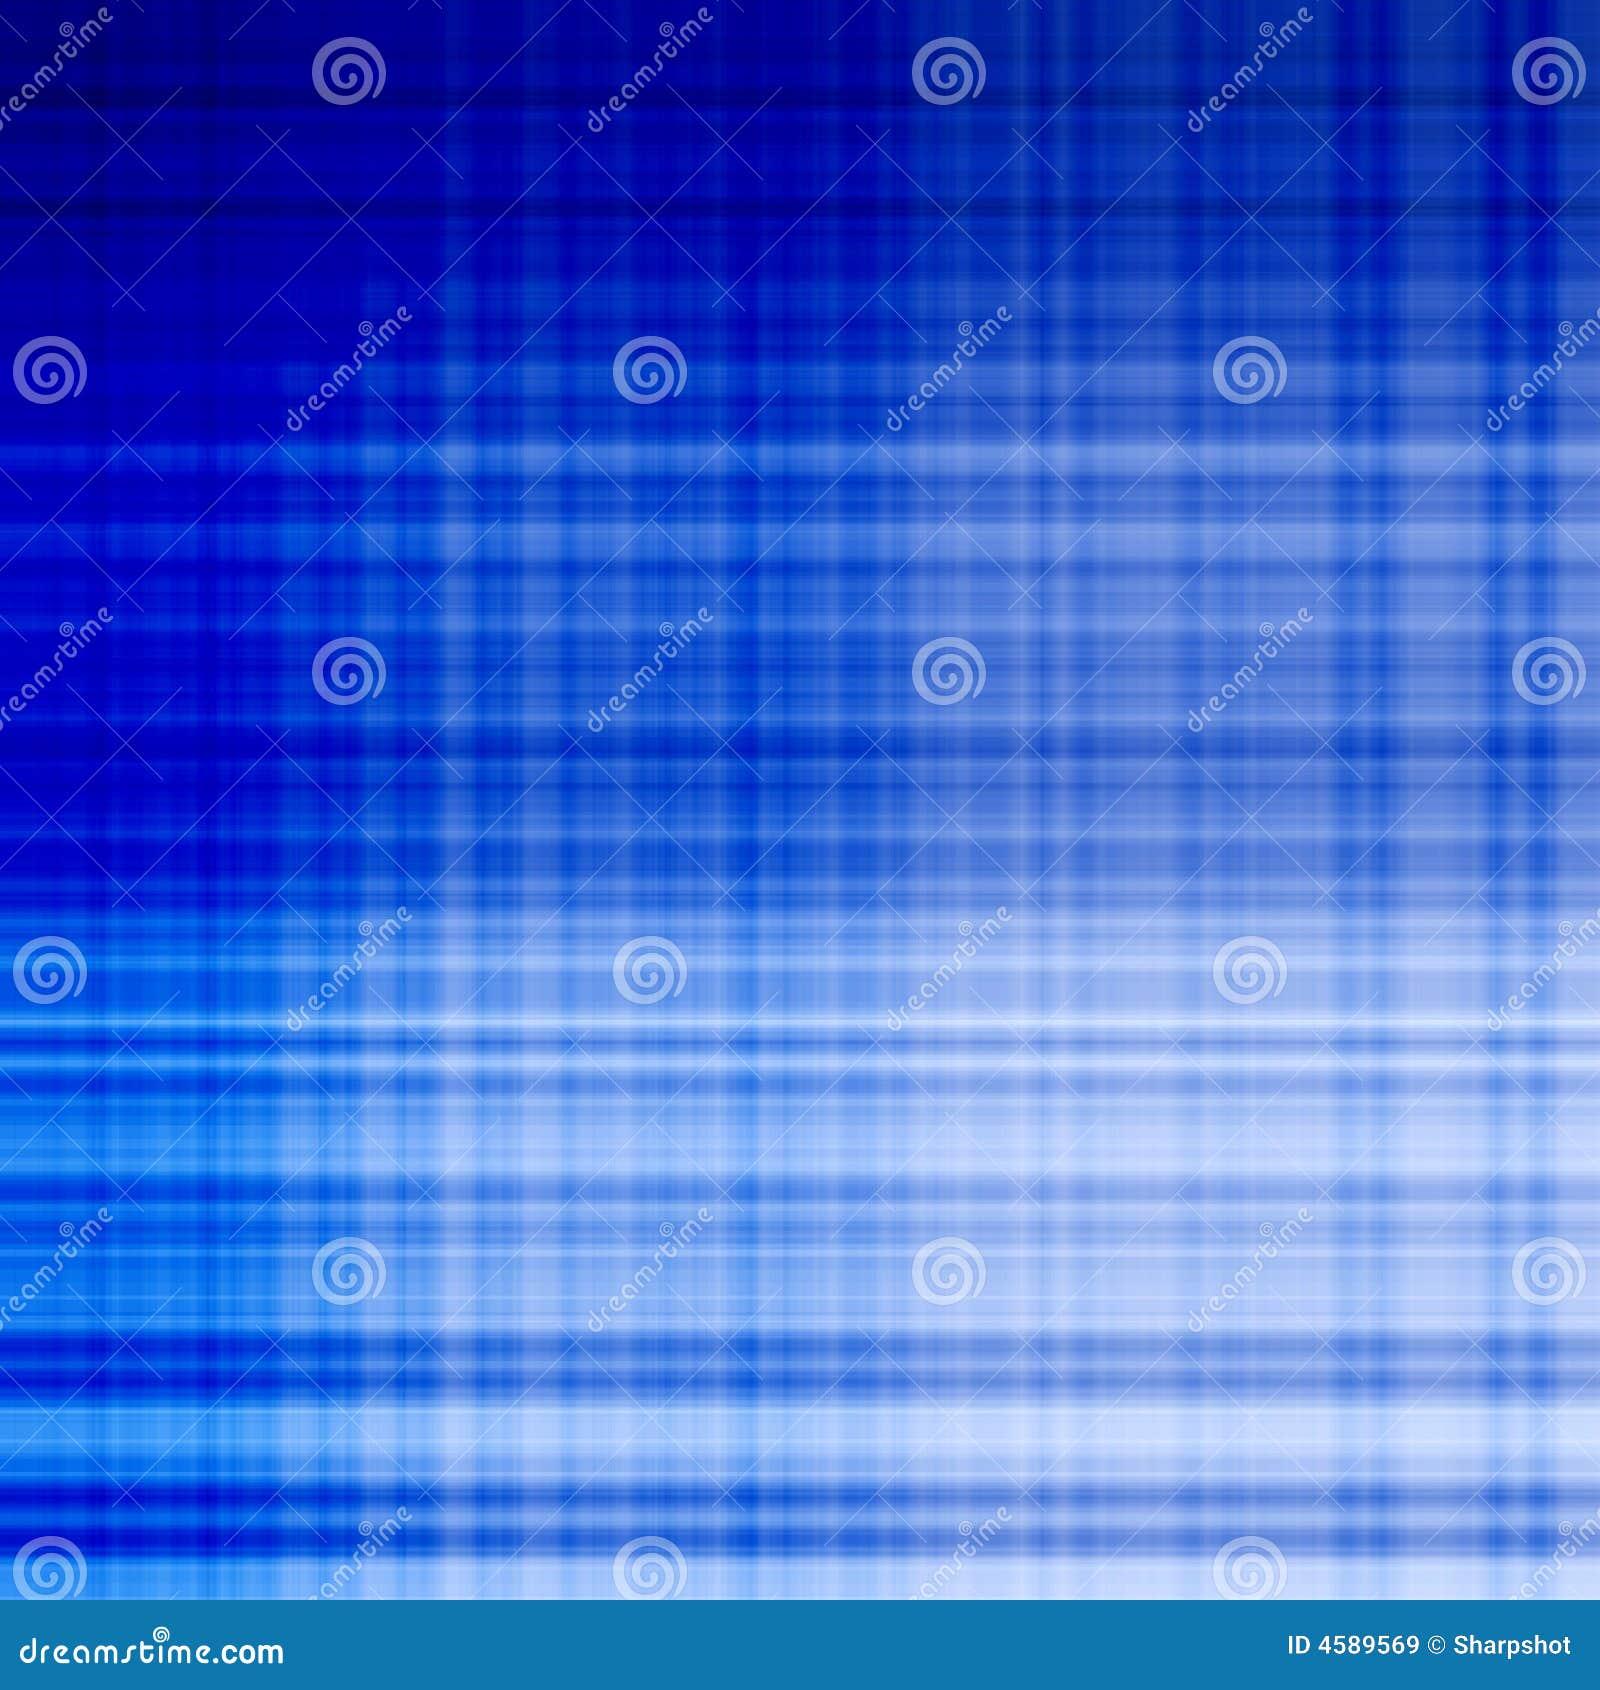 Blue grid line pattern